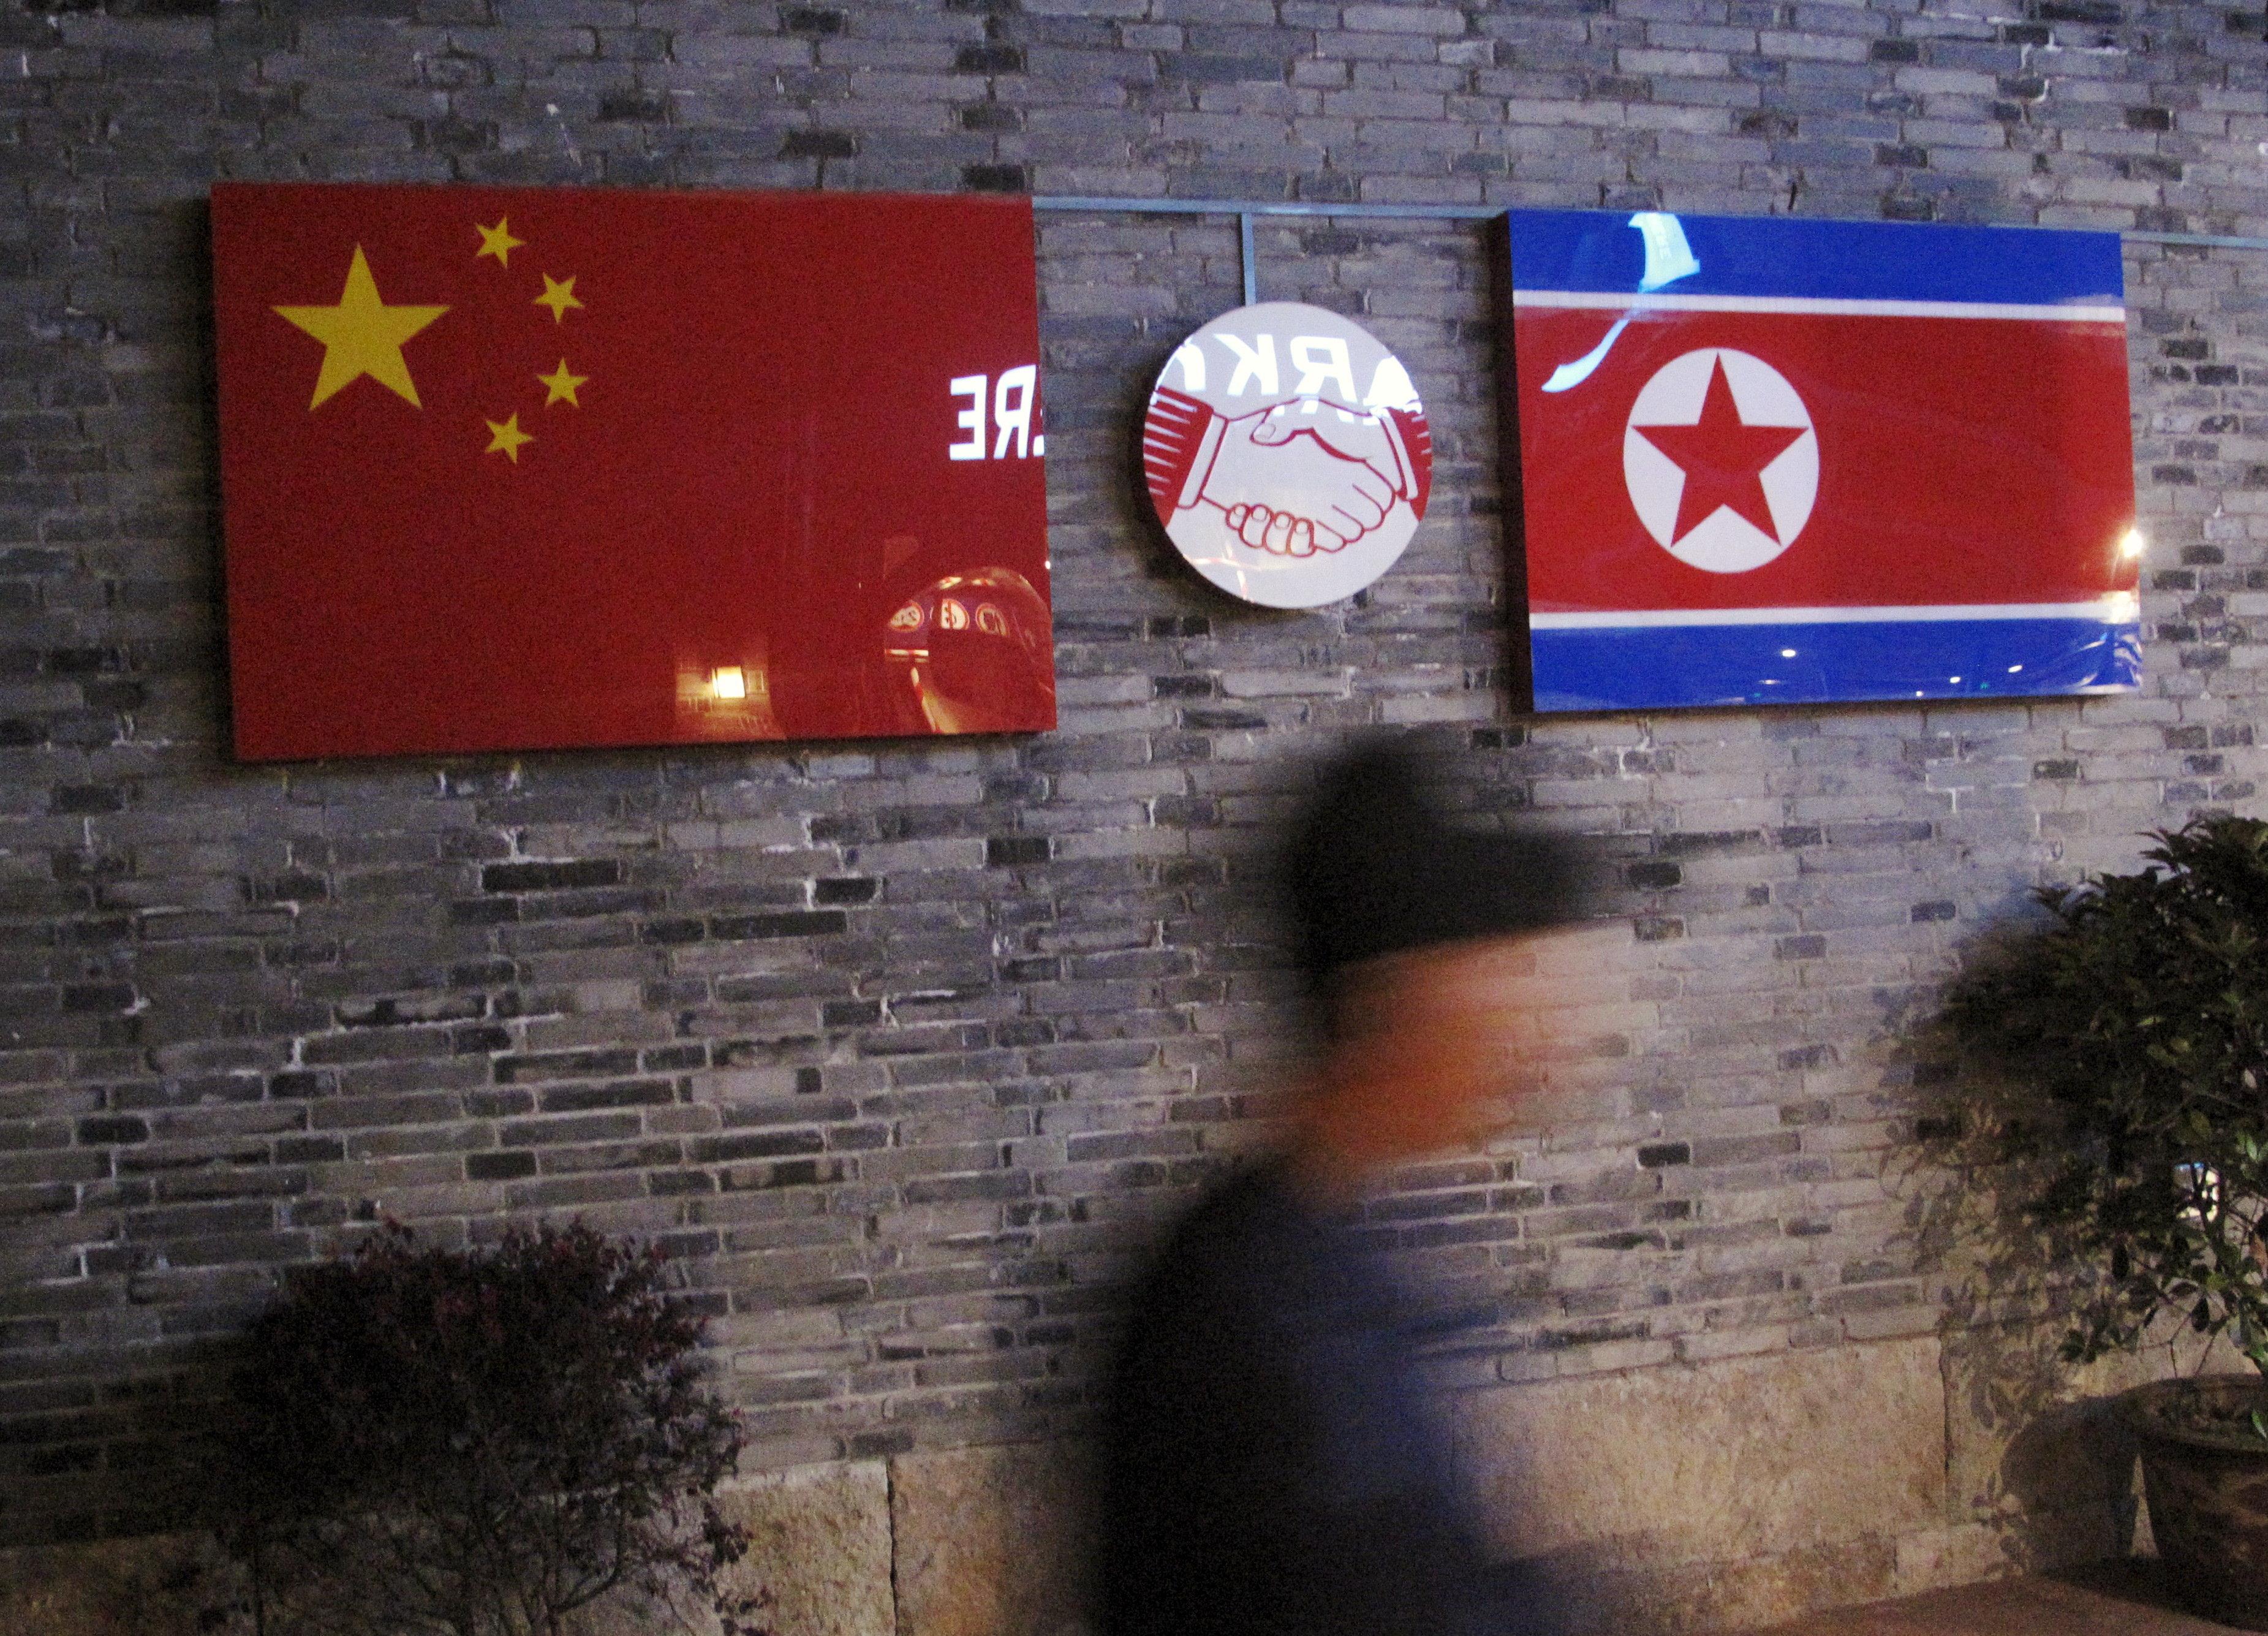 류경식당 집단 탈북은 자유의사가 아니었다는 증언이